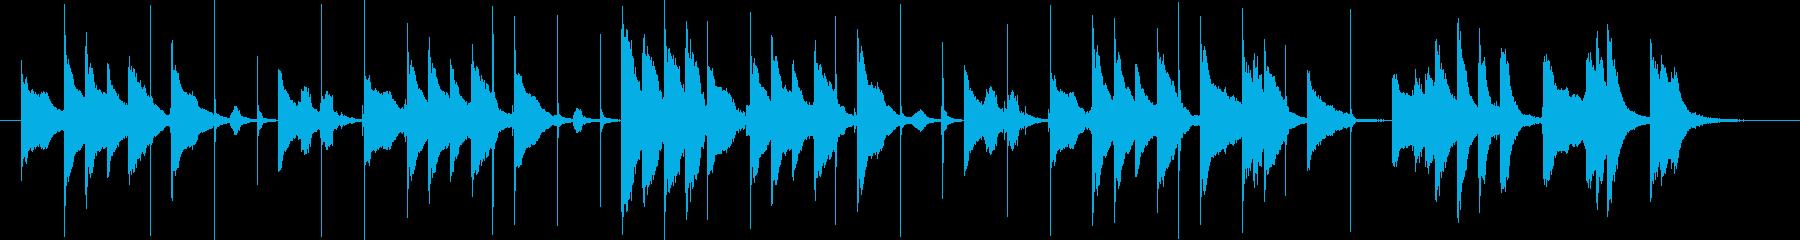 コミカルな短いBGMの再生済みの波形